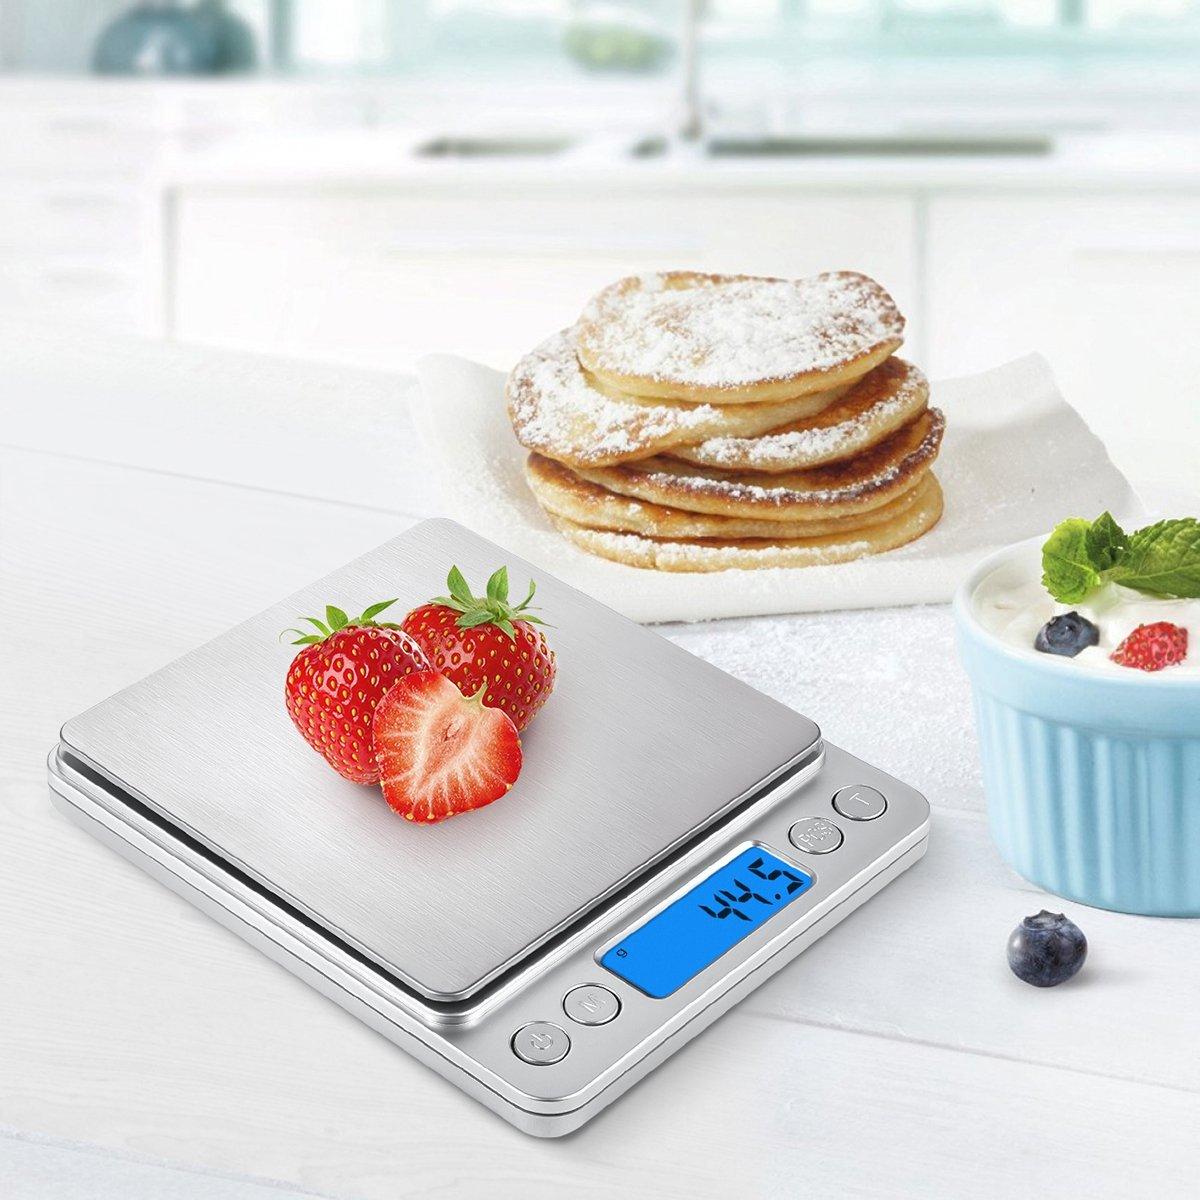 B scula digital de bolsillo alta precisi n para joyer a o for Bascula de precision cocina